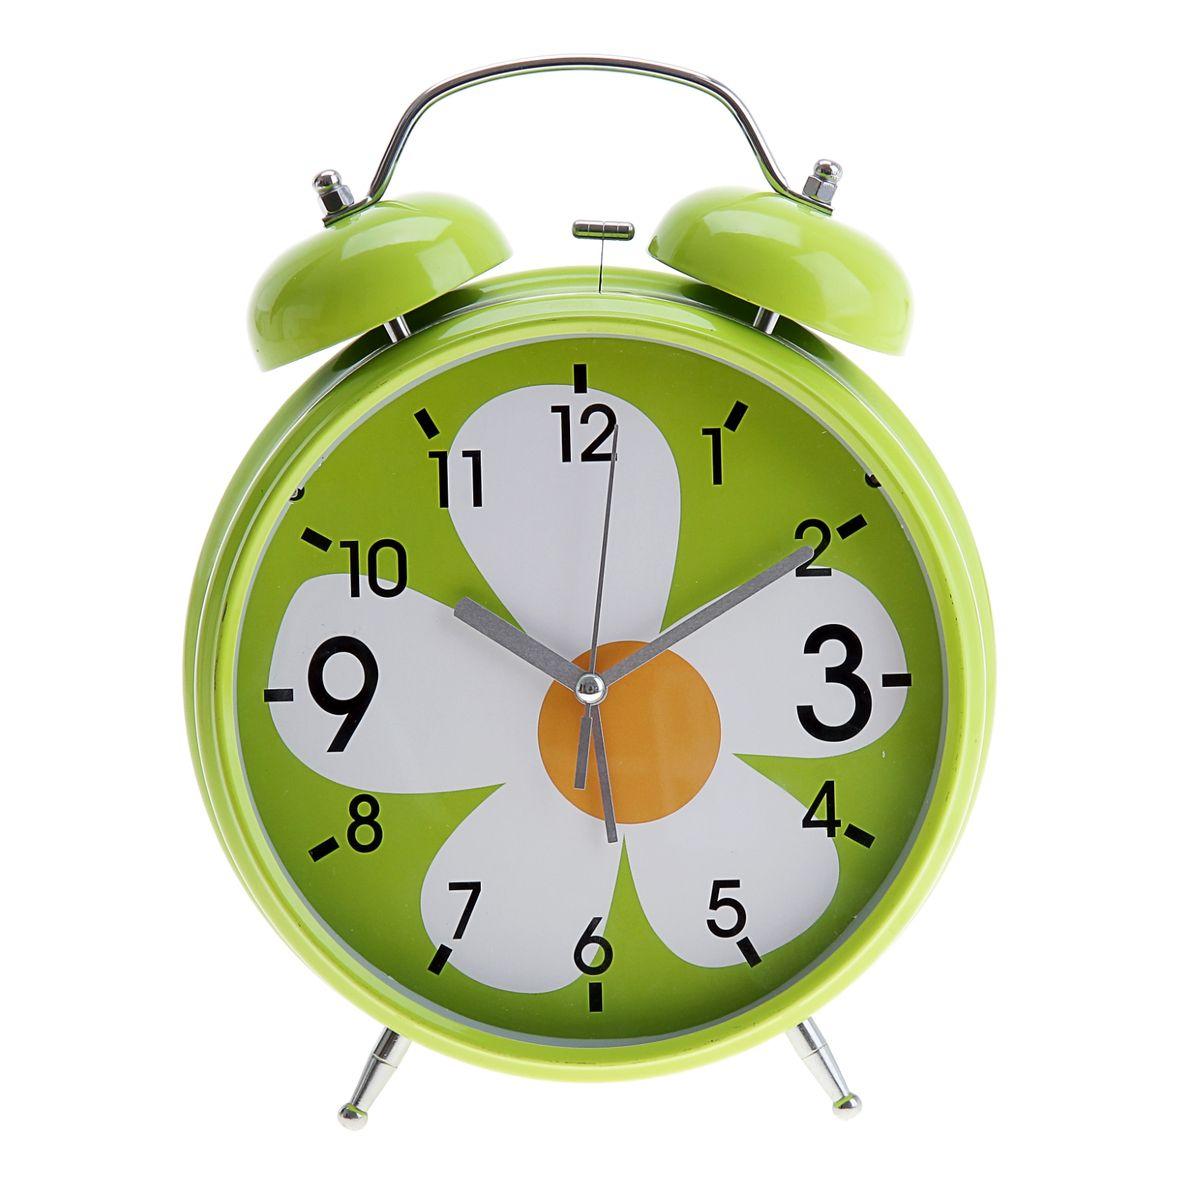 """Часы-будильник Sima-land """"Ромашка"""", цвет: салатовый, белый, оранжевый, диаметр 20 см"""